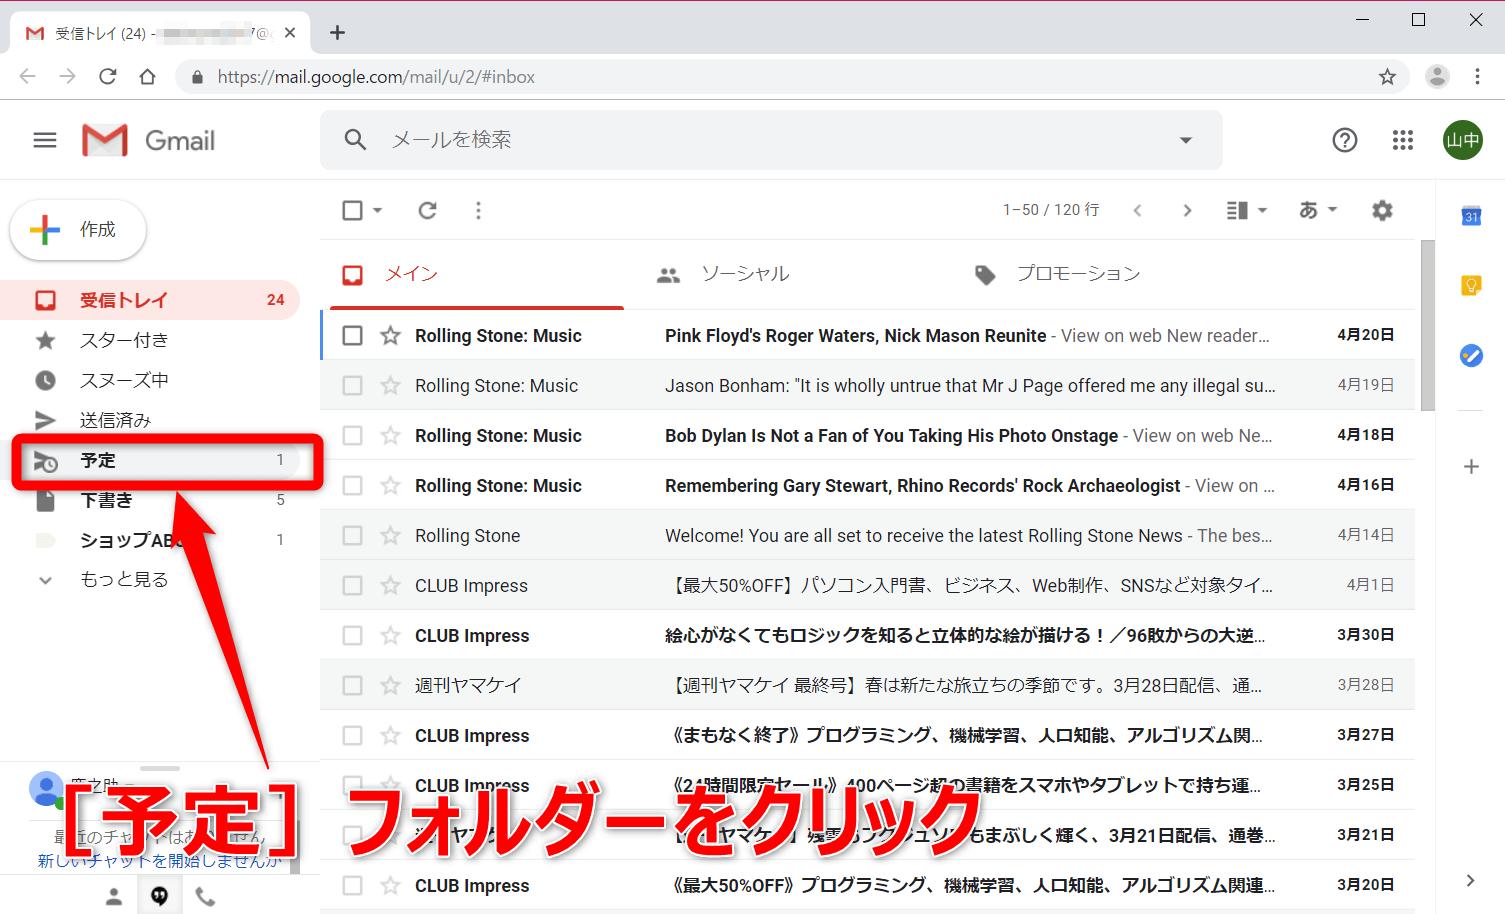 Gmail(ジーメール)のメイン画面に[予定]フォルダーが作成された画面